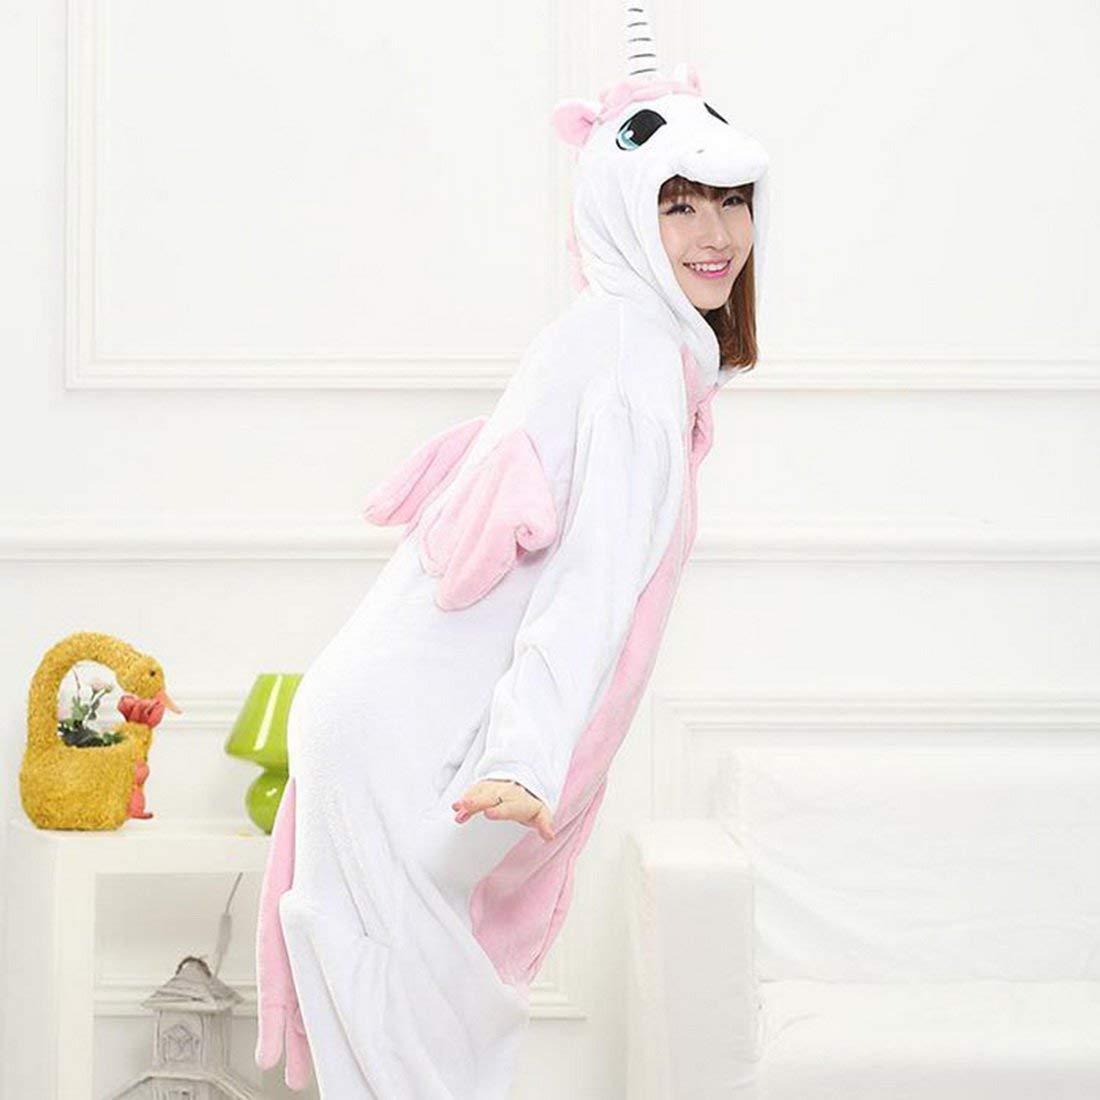 ... Детская пижама кигуруми Бледно-розовый Единорог купить в Москве ... cc54700ad04a1